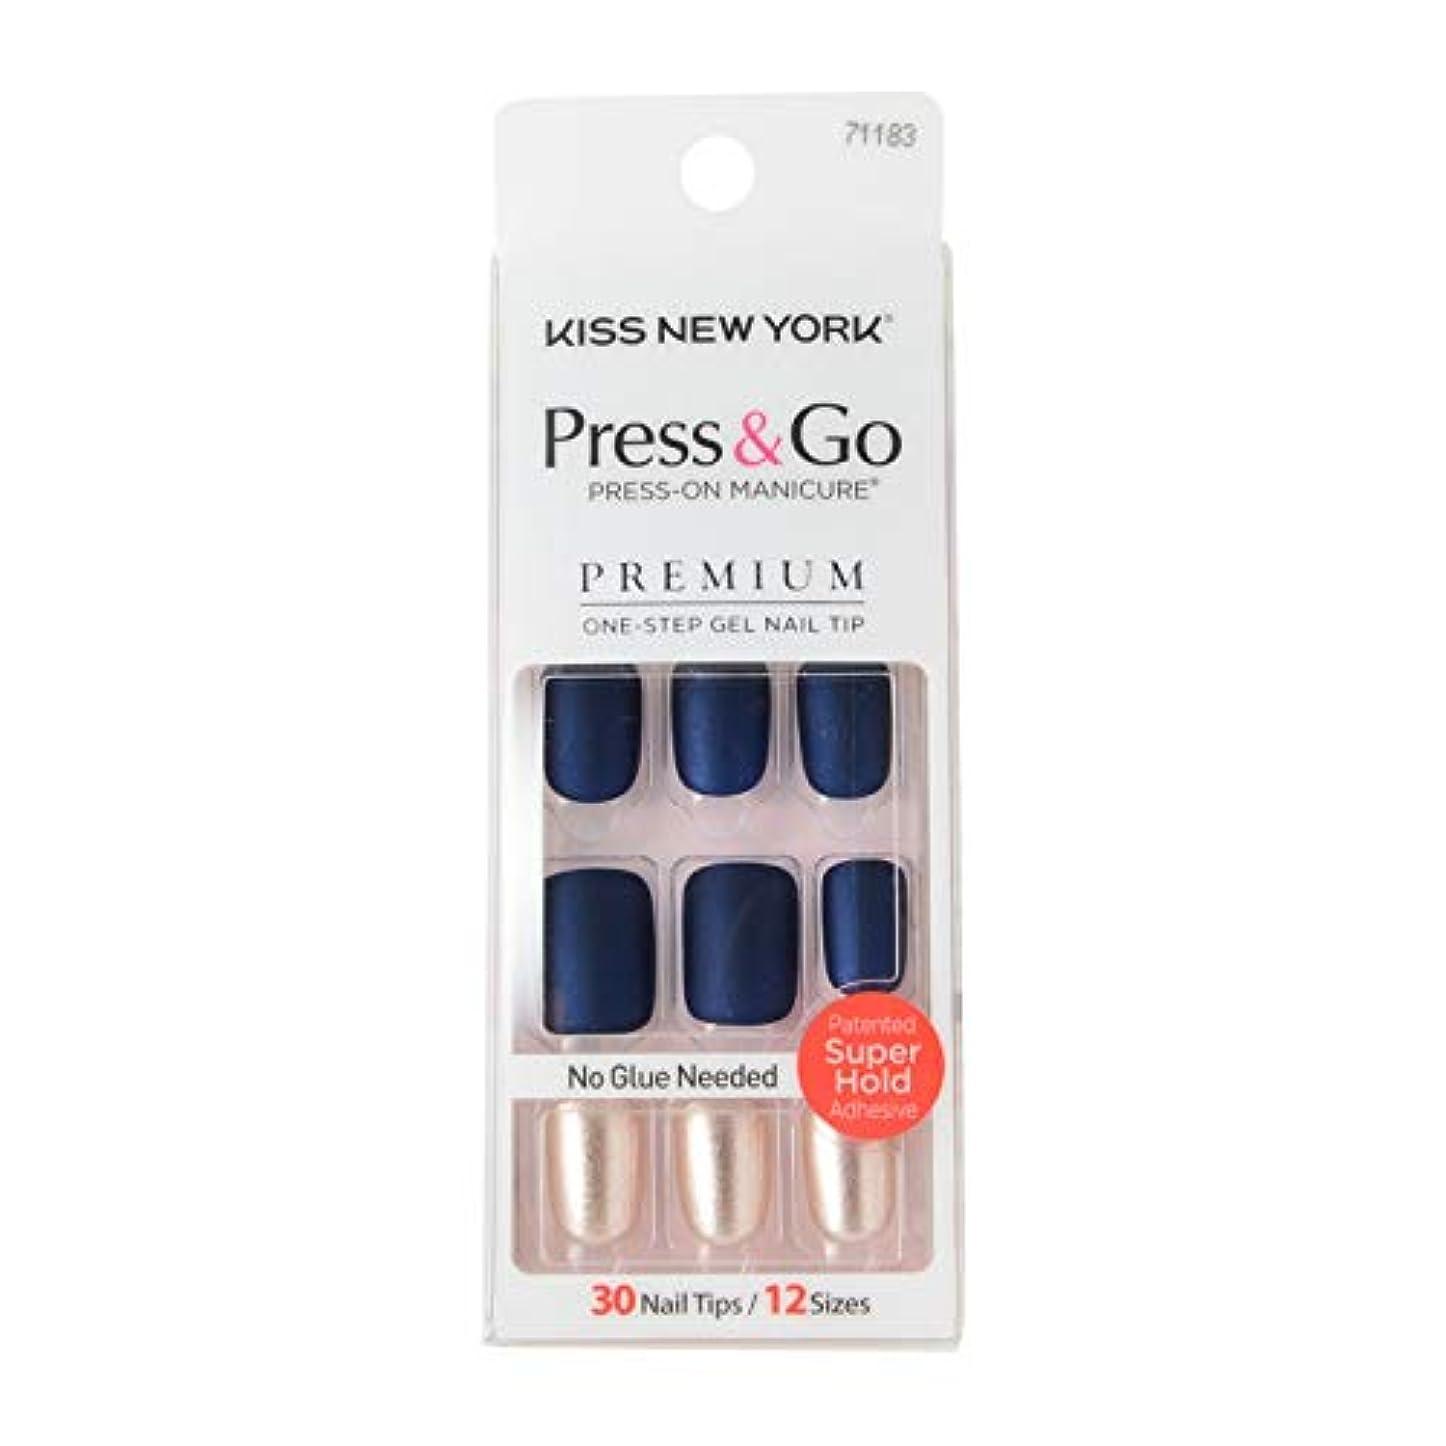 材料実験室マザーランドキスニューヨーク (KISS NEW YORK) KISS NEWYORK ネイルチップPress&Go BIPA020J 19g